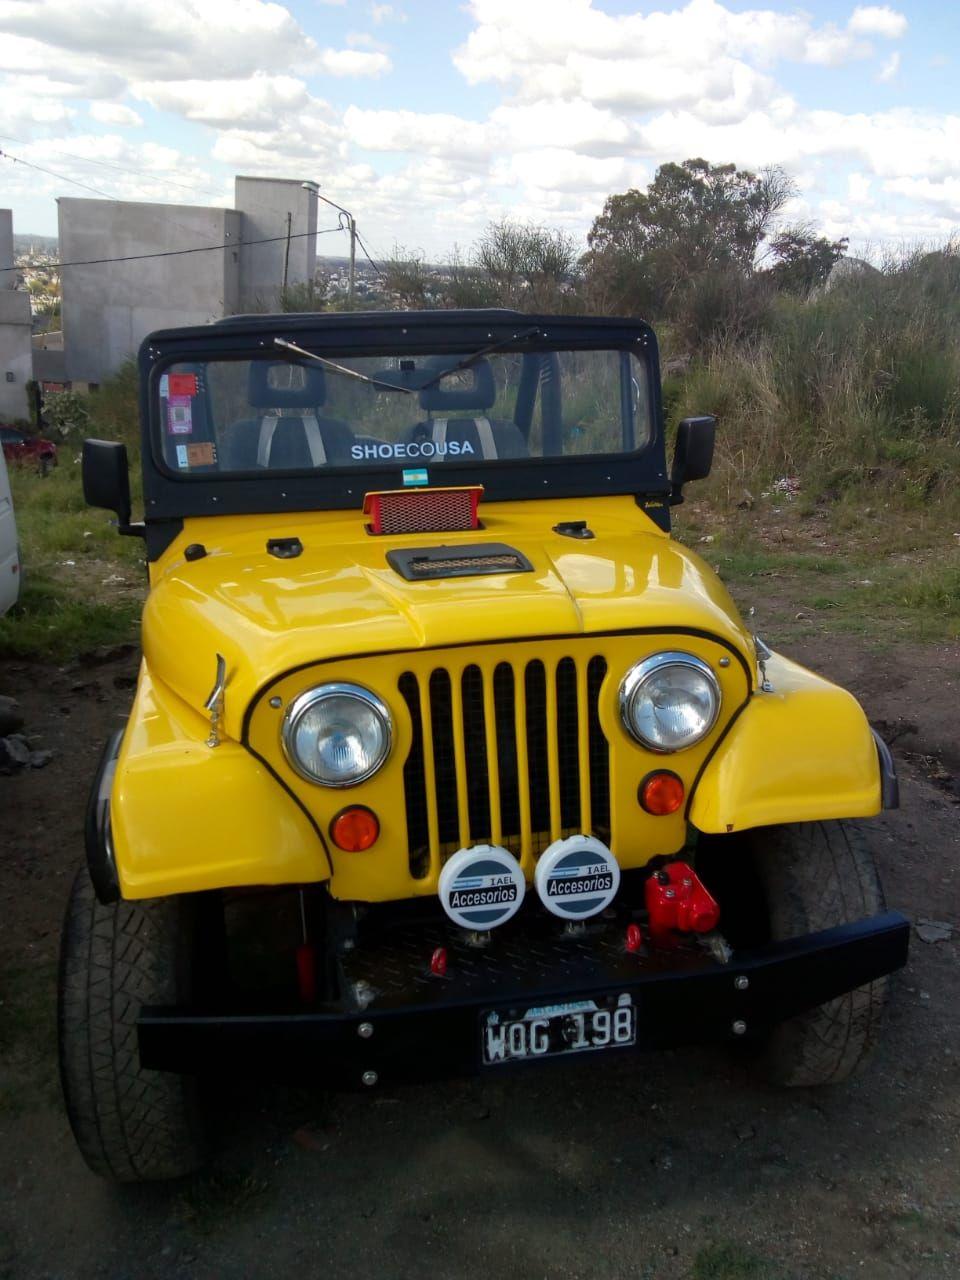 Jeep Ika 4x2 Dos Tubos Gnc En Compra Y Venta Argentina Jeep